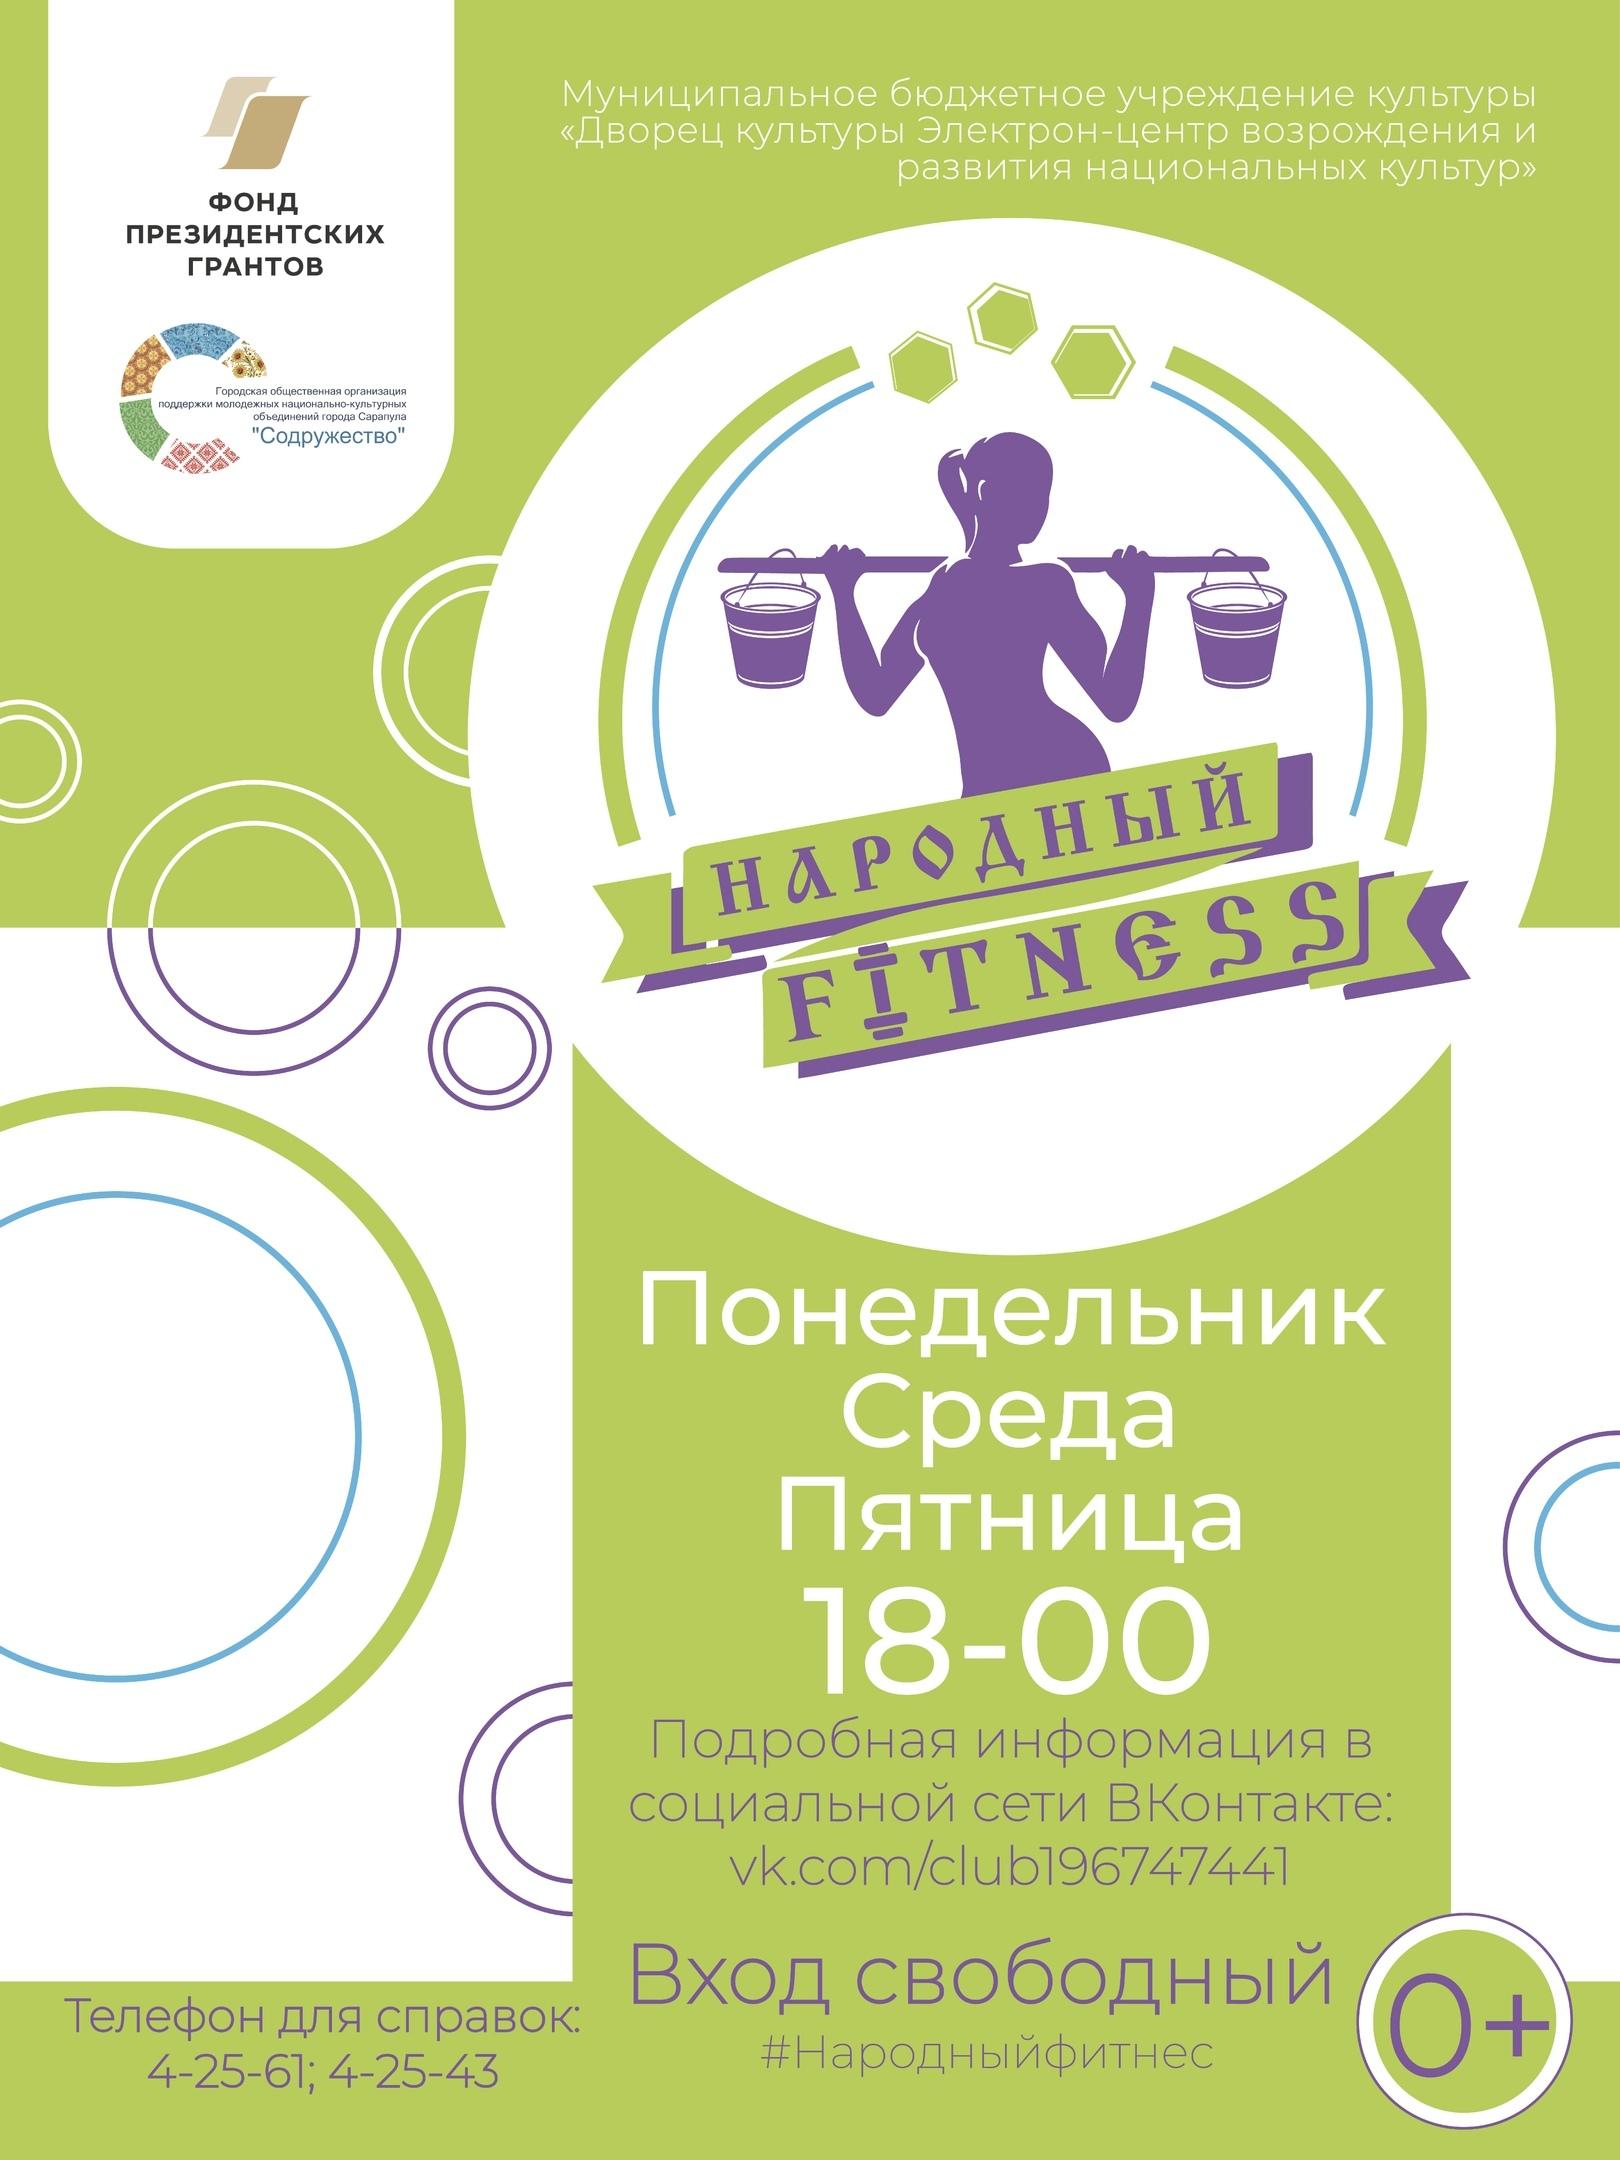 Праздник пасха: история возникновения и значение, традиции и обычаи в россии